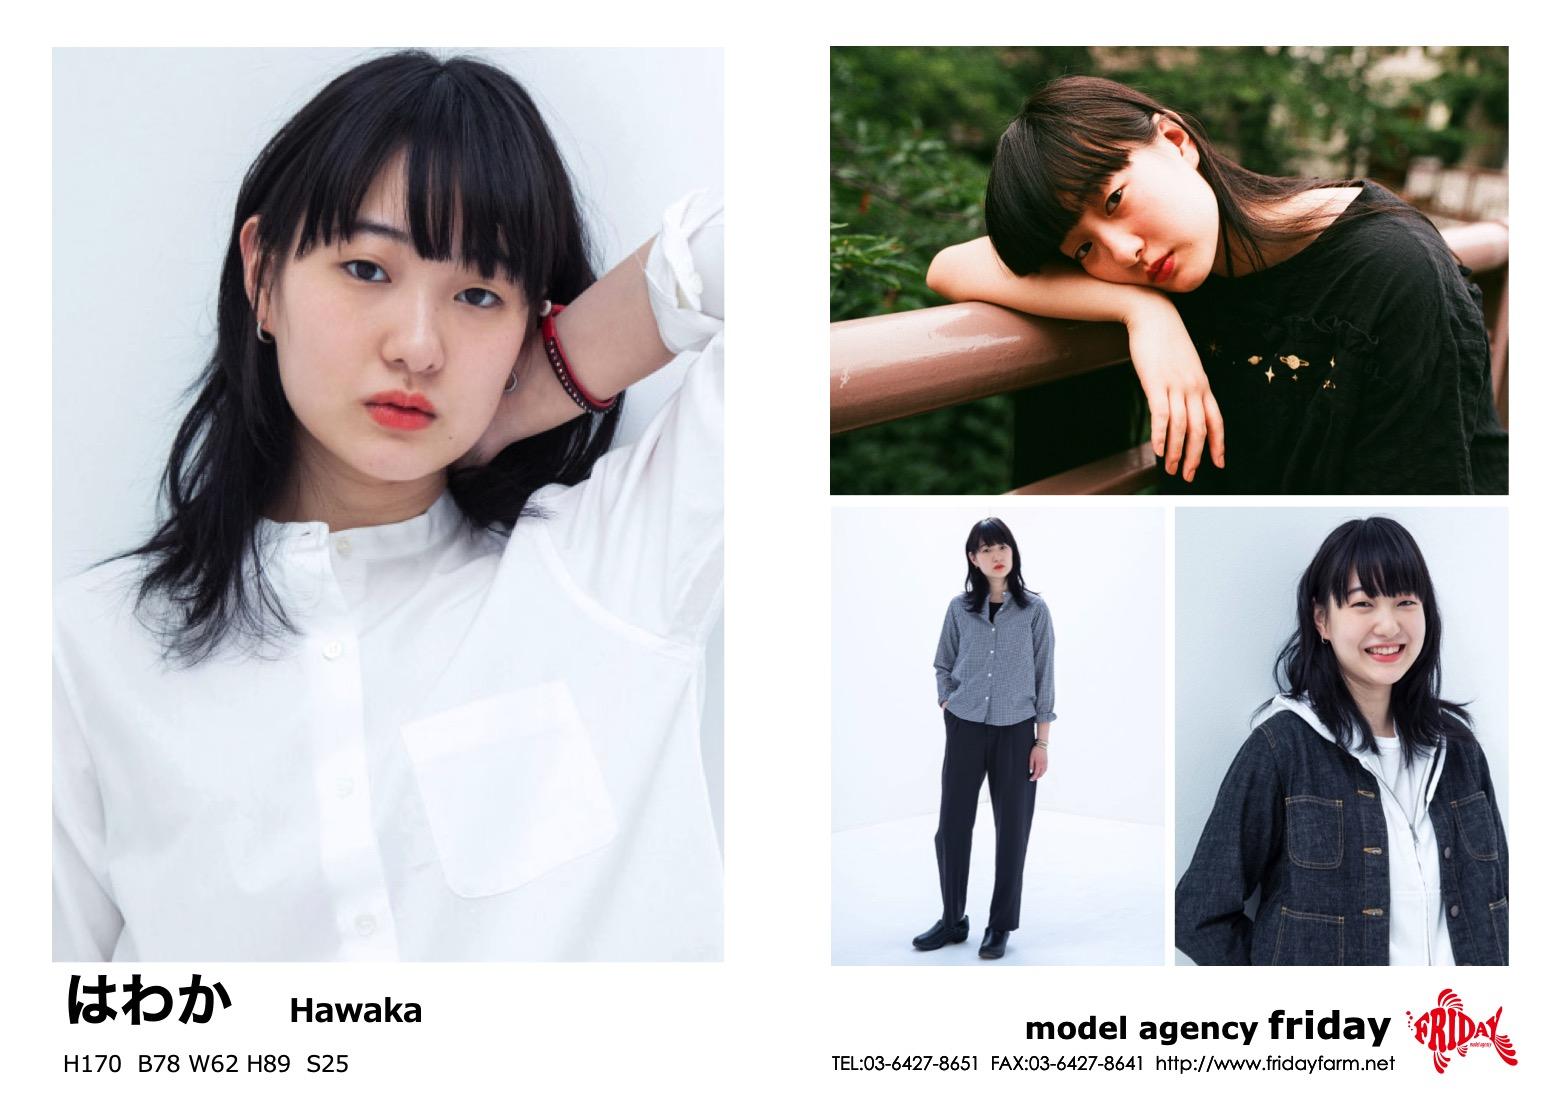 はわか - Hawaka | model agency friday